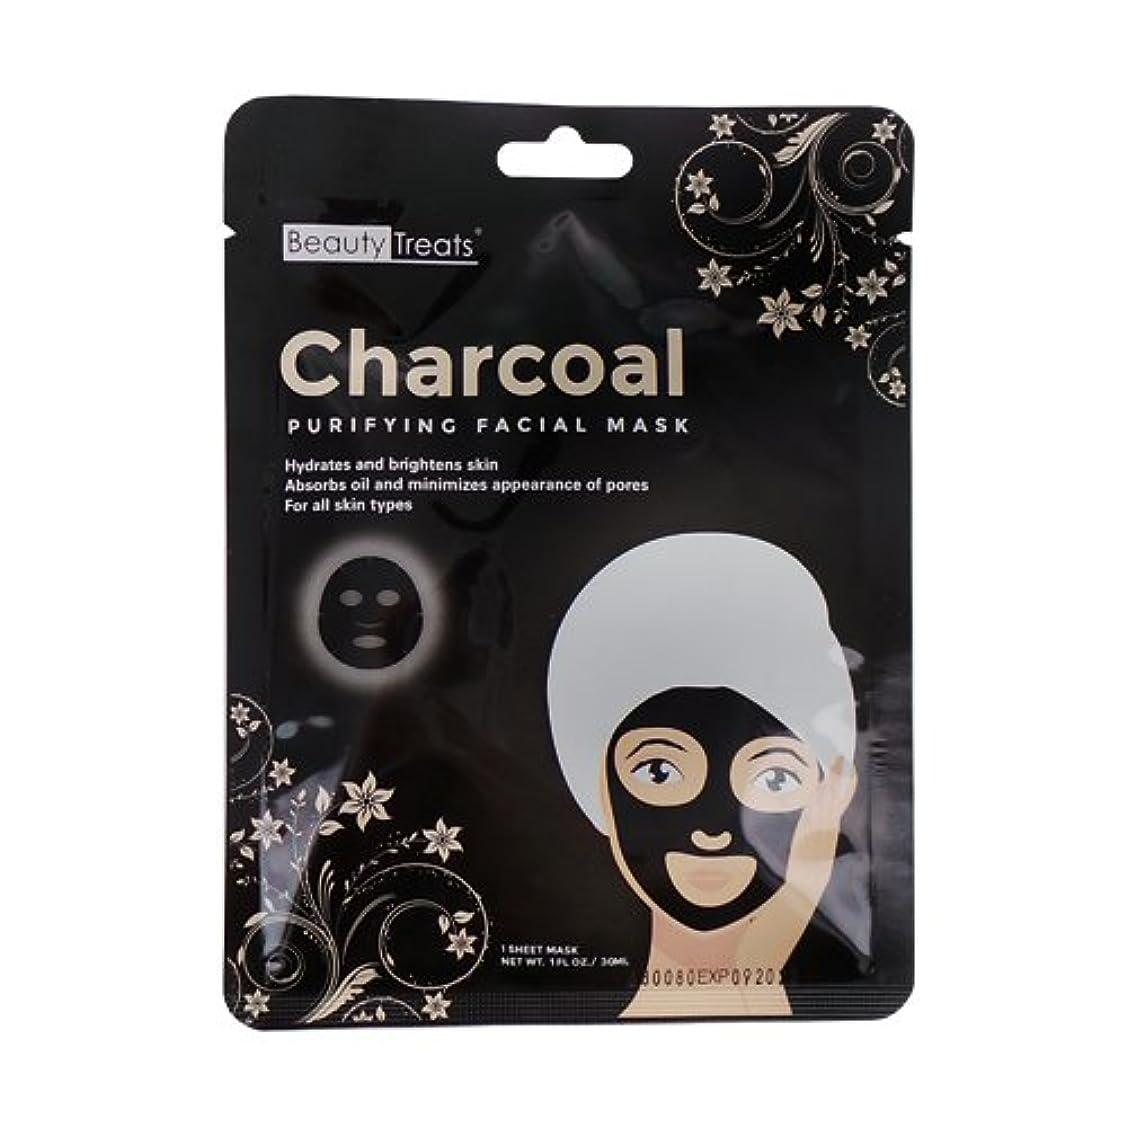 従事した引退した飲み込む(6 Pack) BEAUTY TREATS Charcoal Purifying Facial Mask (並行輸入品)